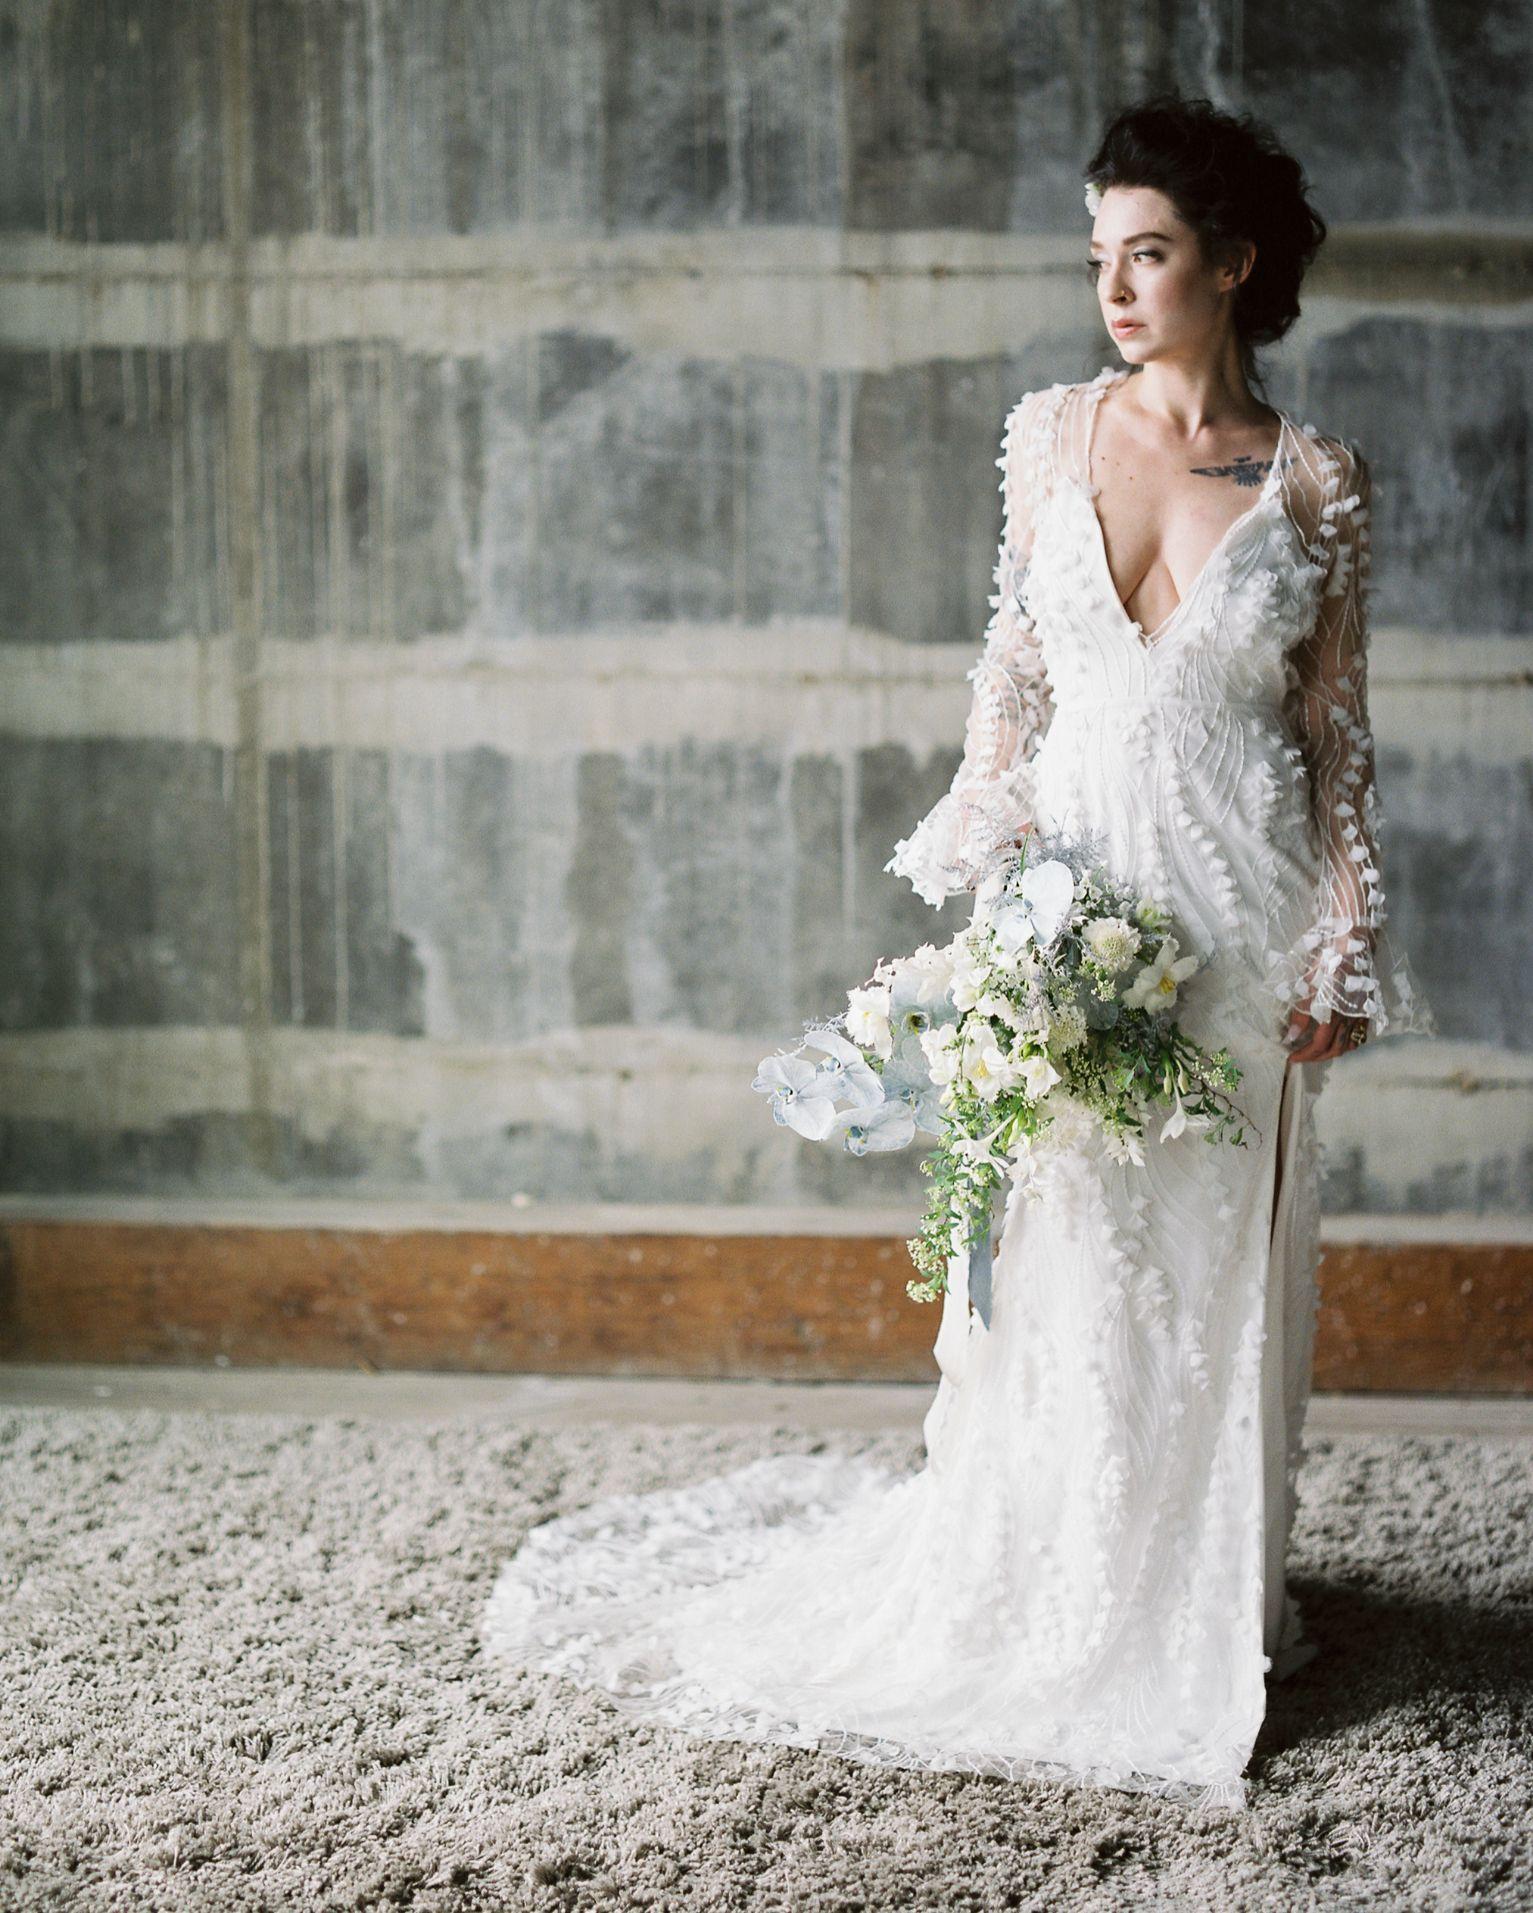 olio-peabody-boston-lesbian-wedding-style-daylynn-designs2 2.jpg